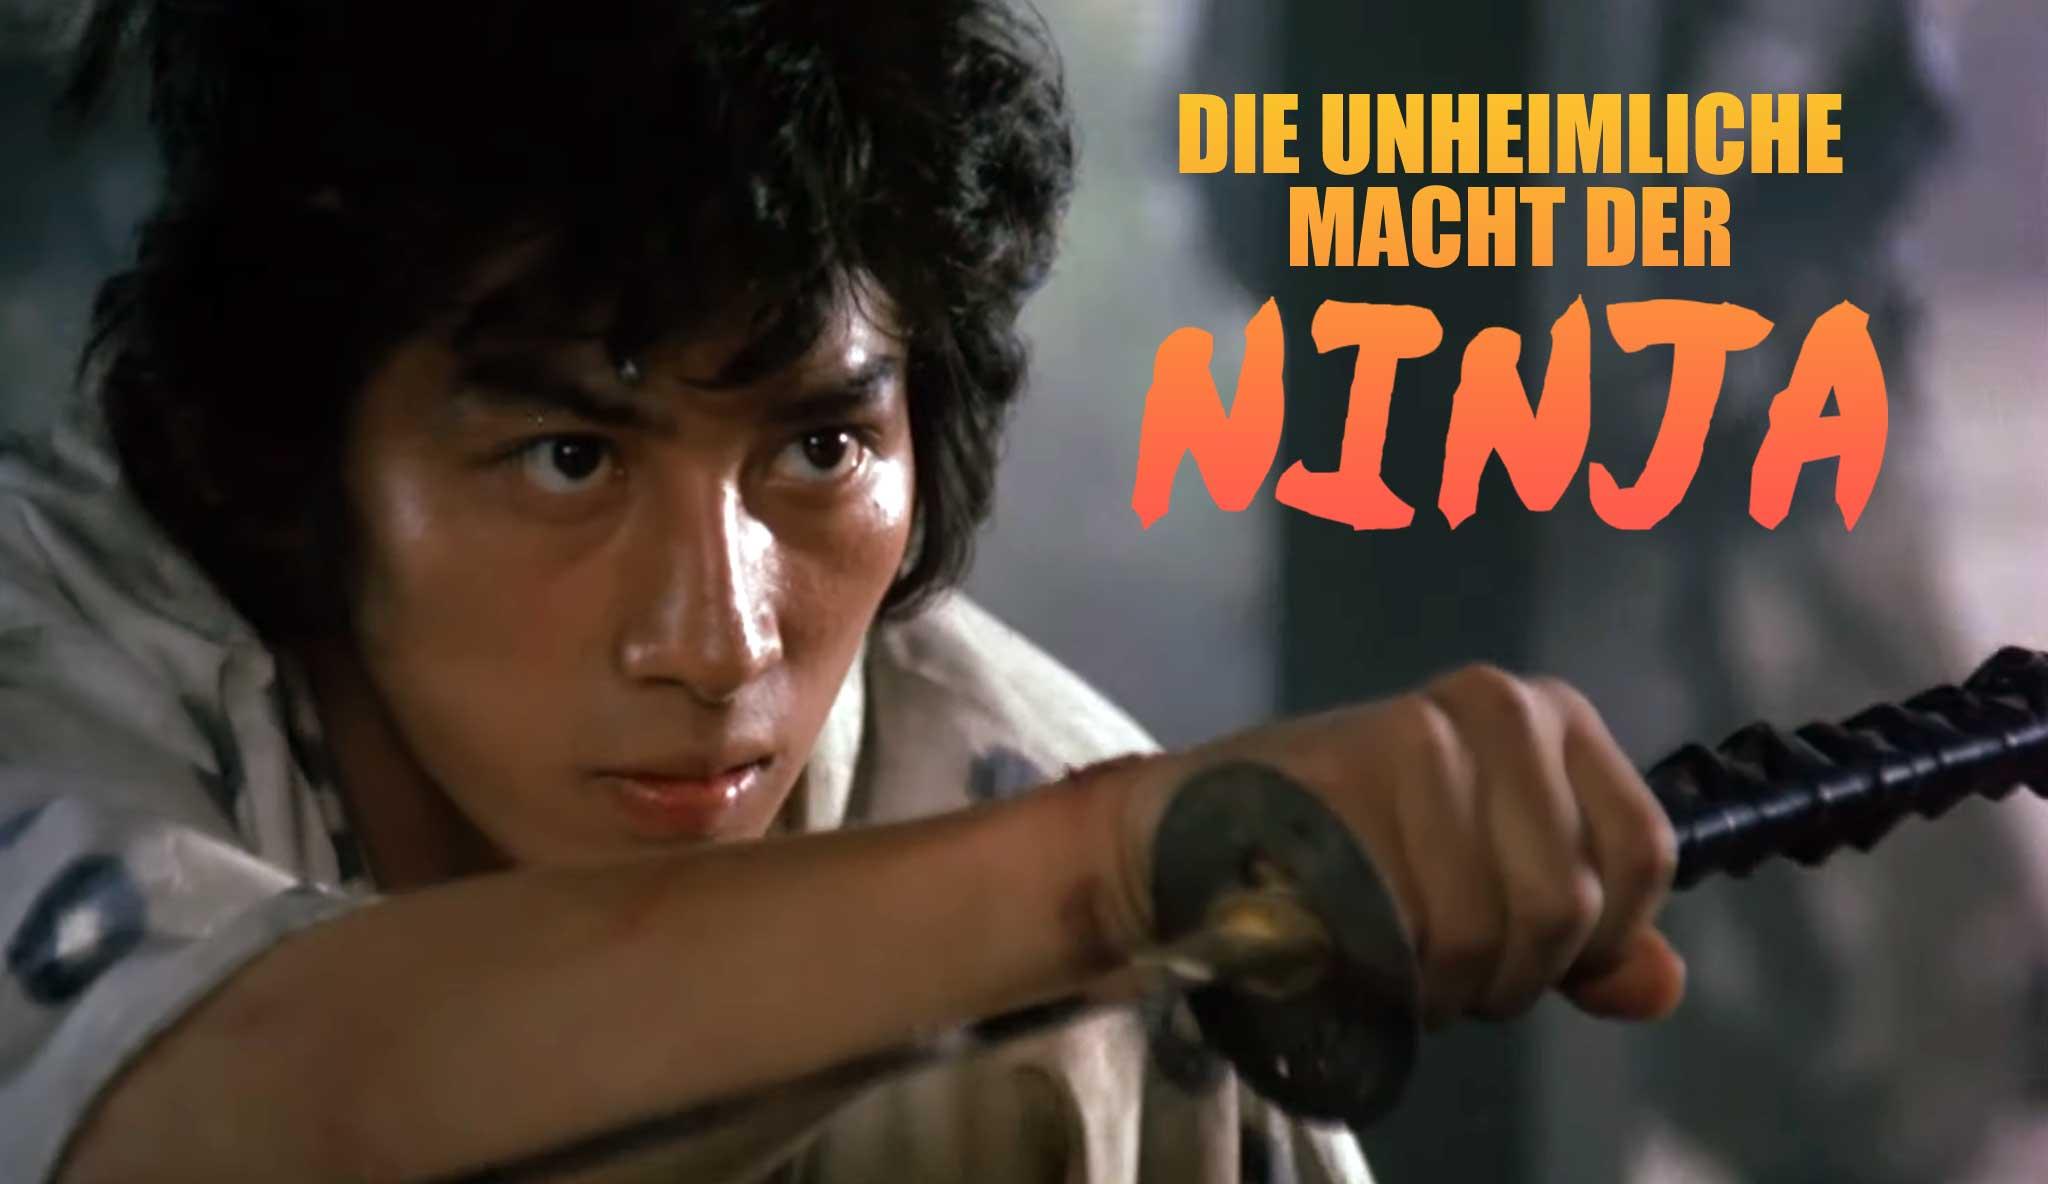 die-unheimliche-macht-der-ninja\header.jpg